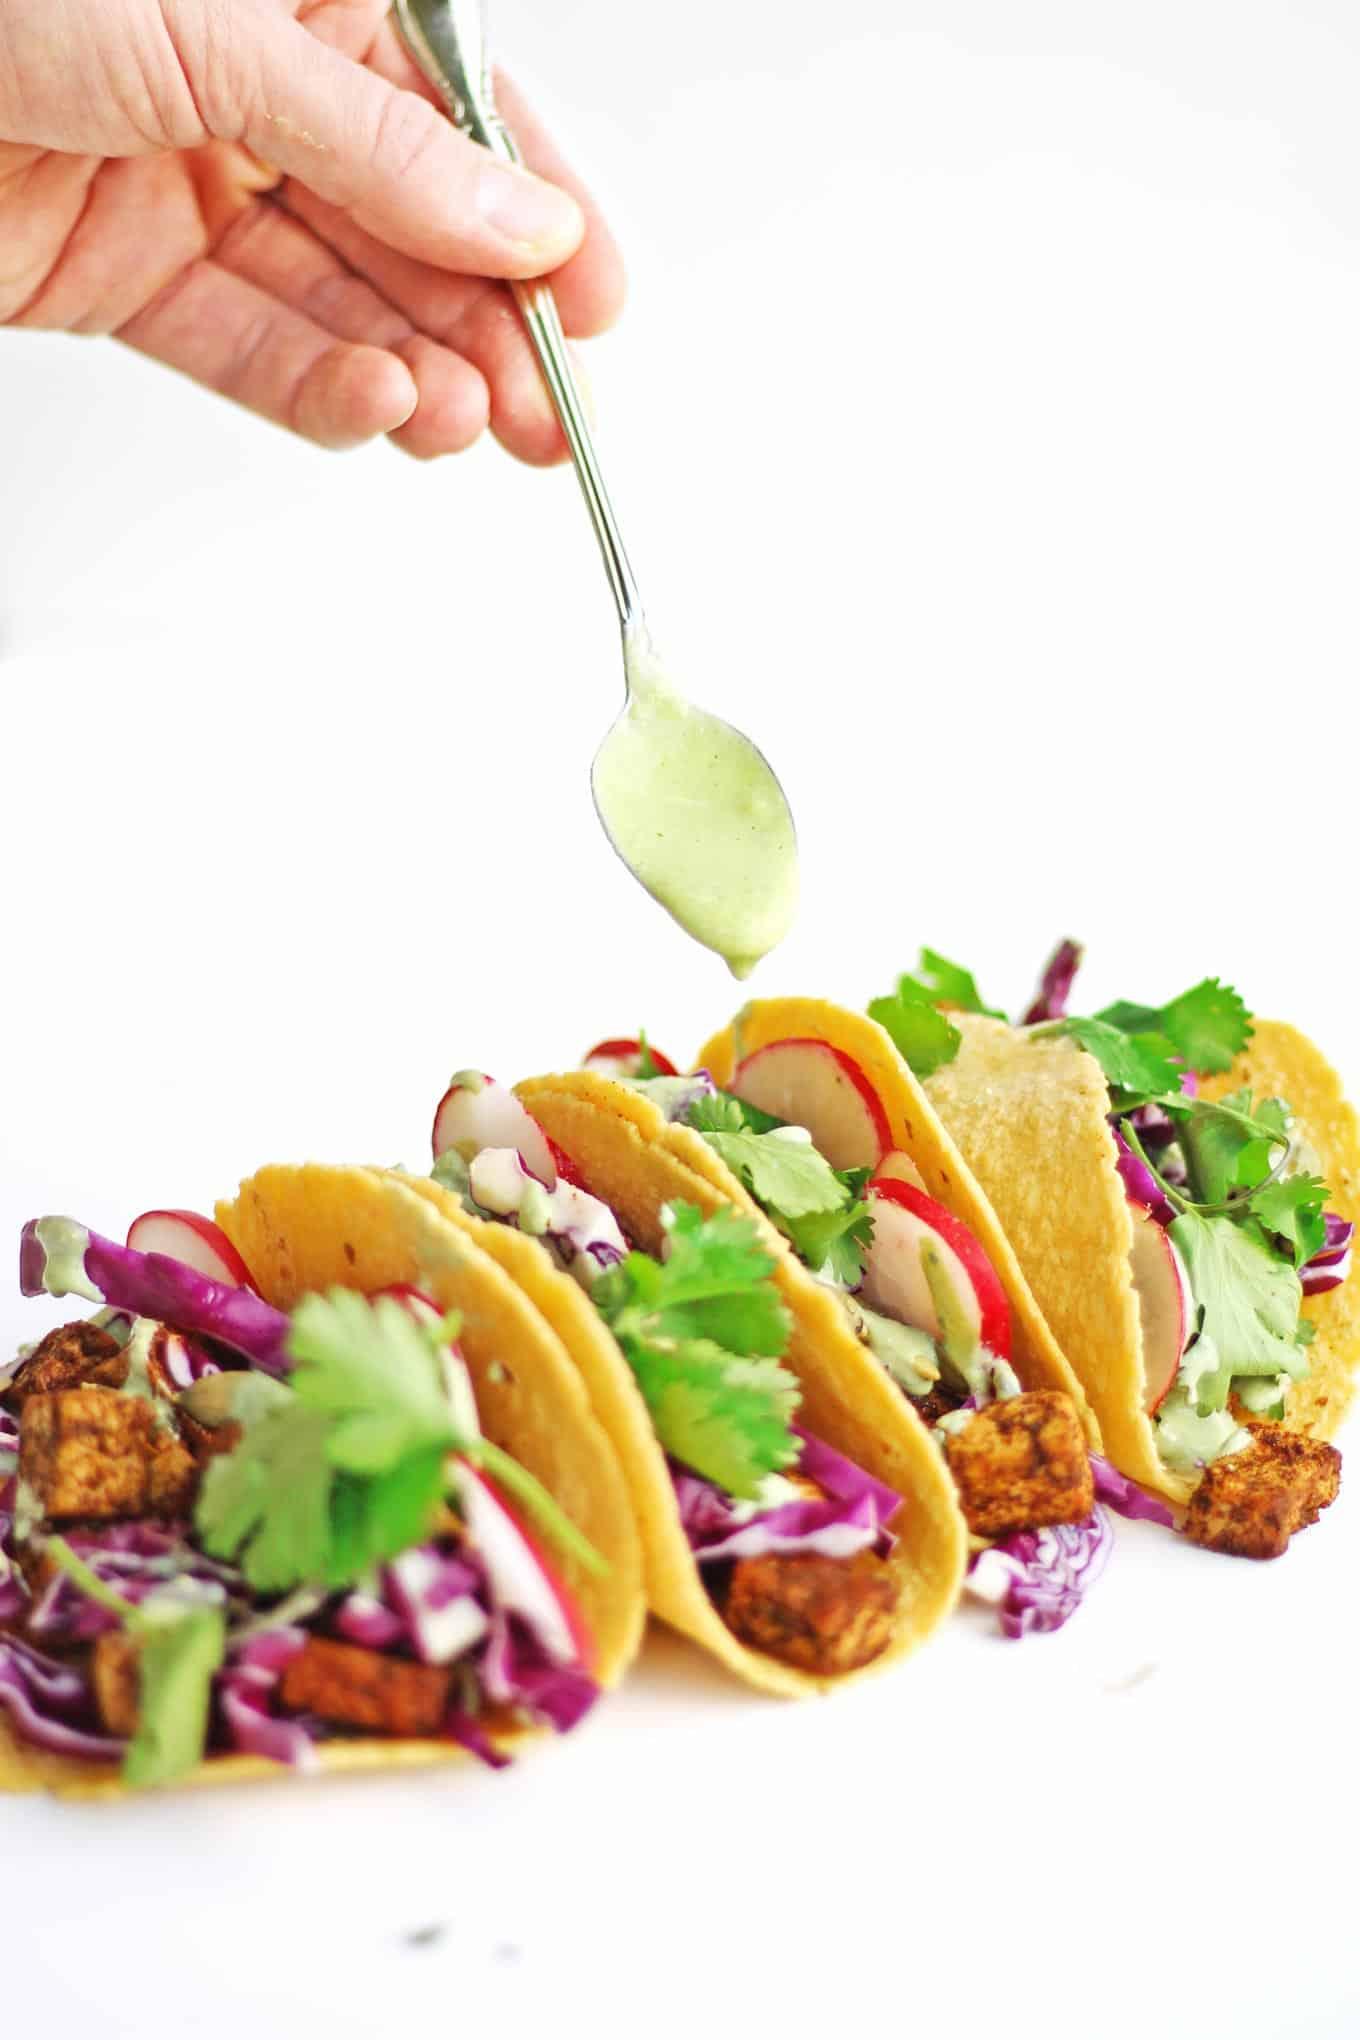 Vegan tofu tacos with cilantro sauce